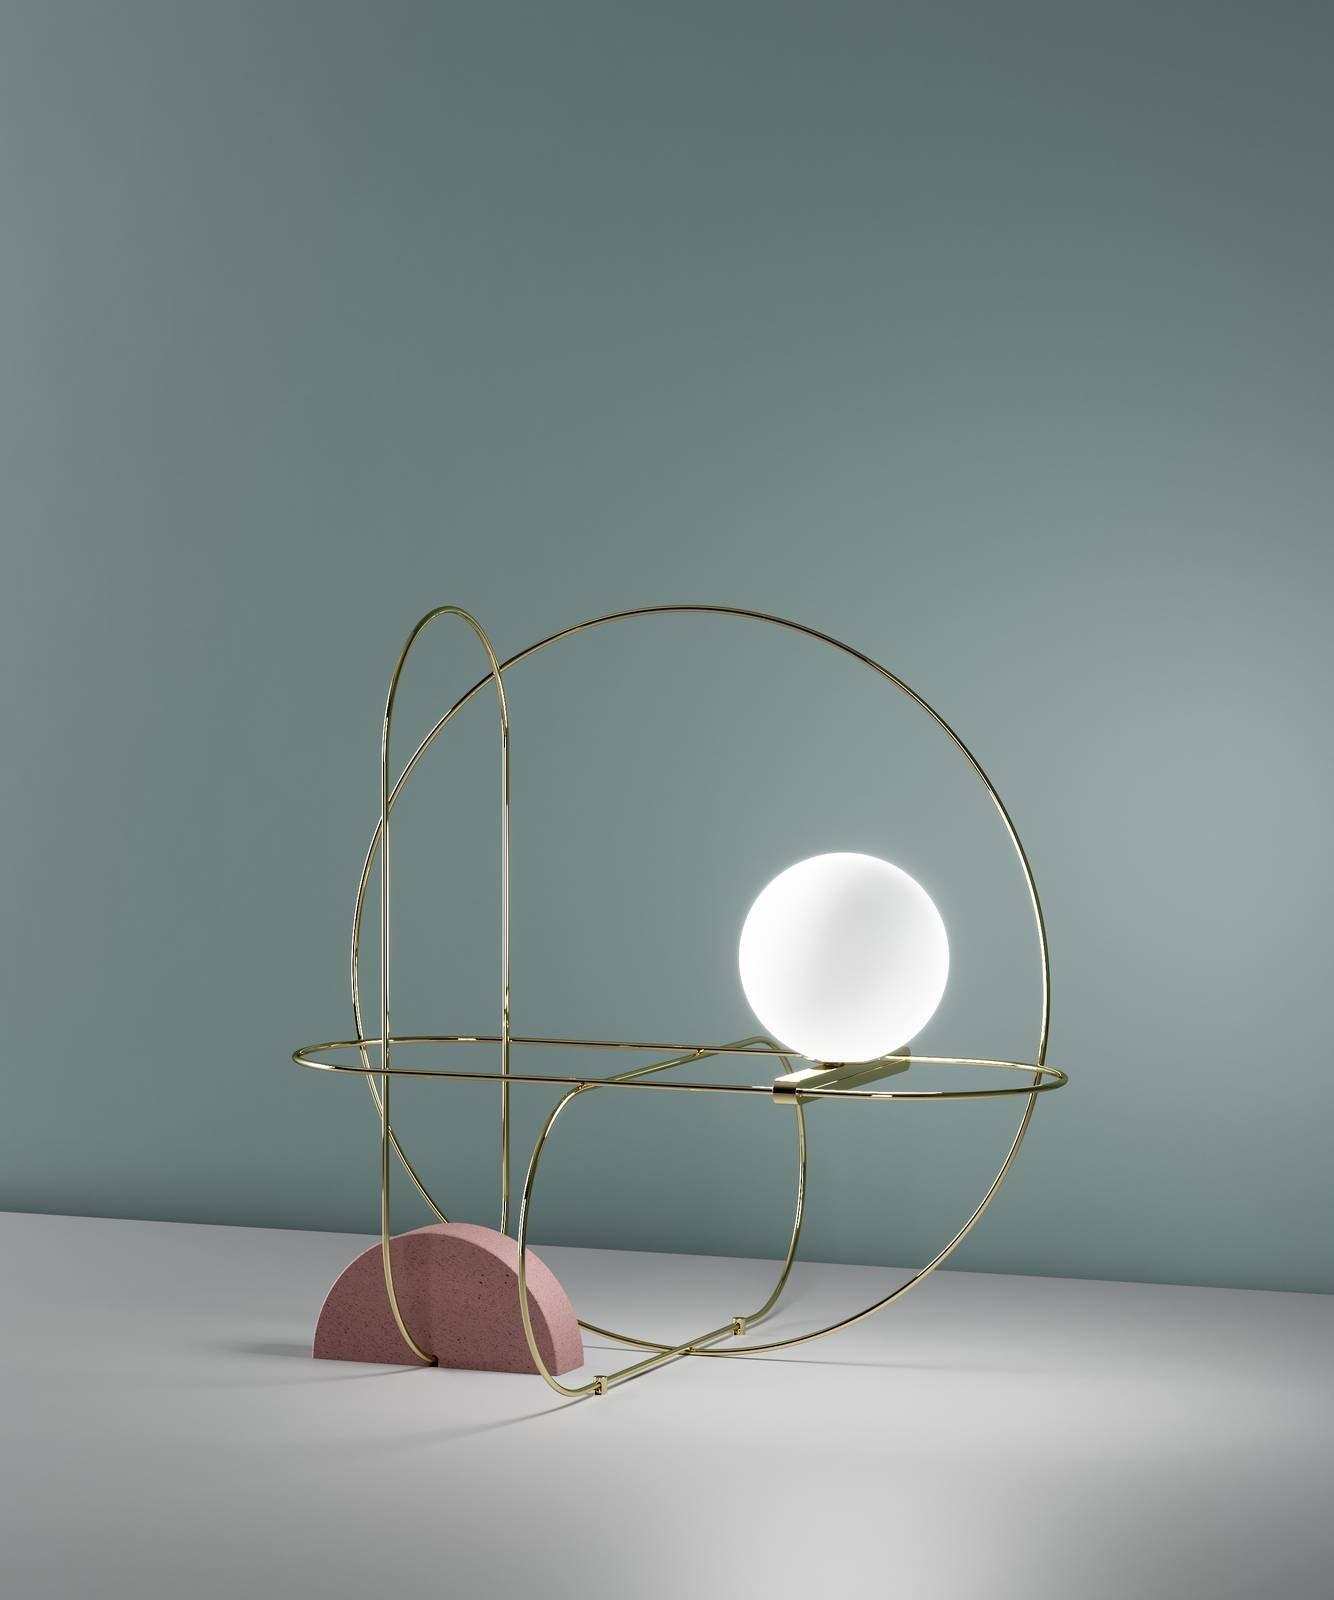 10 fontanaarte setareh lampada da tavolo 10 ni - Cose di Casa